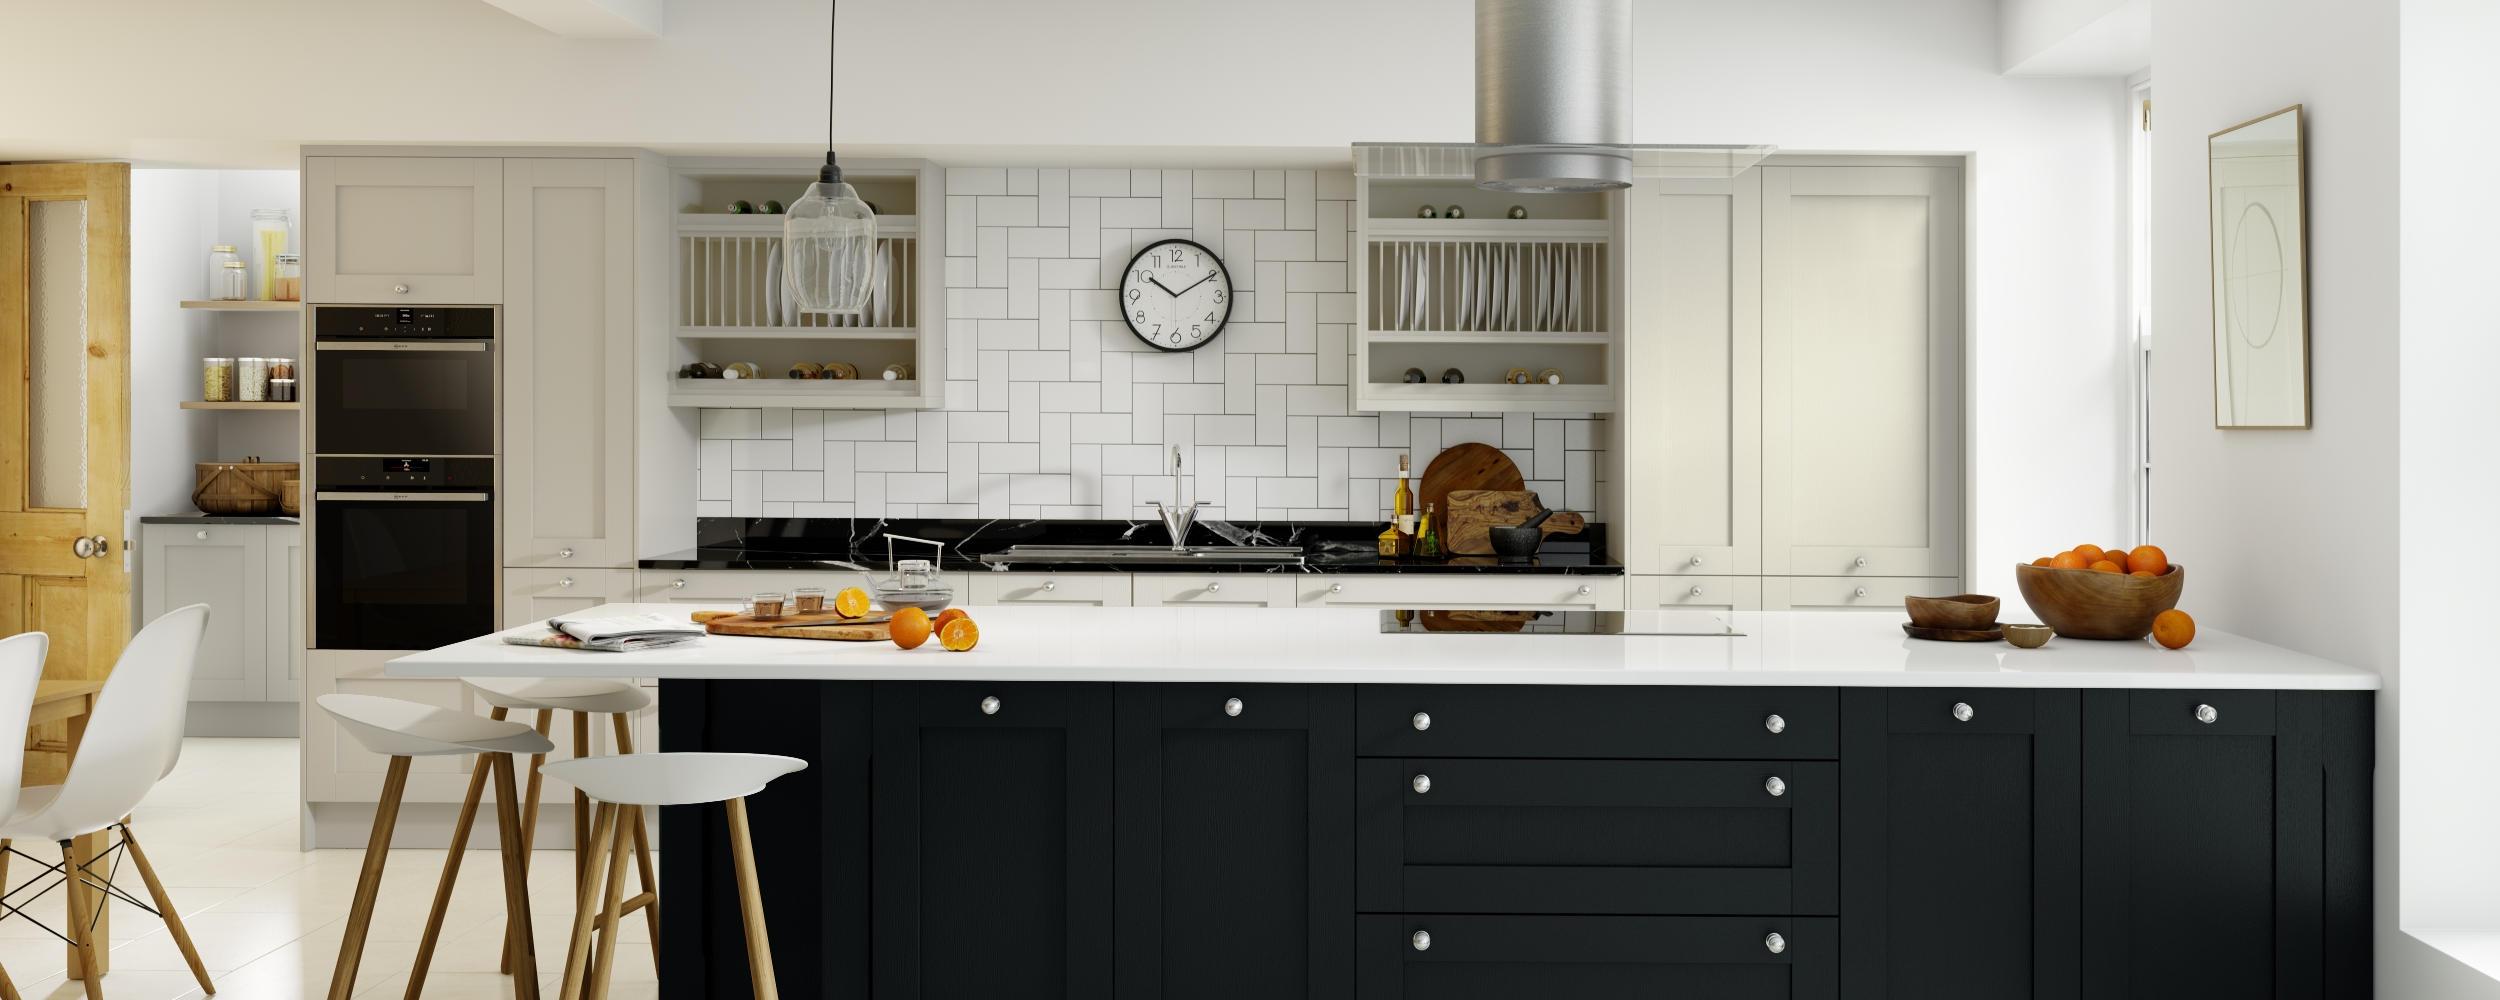 shaker-kitchen-dunfermline